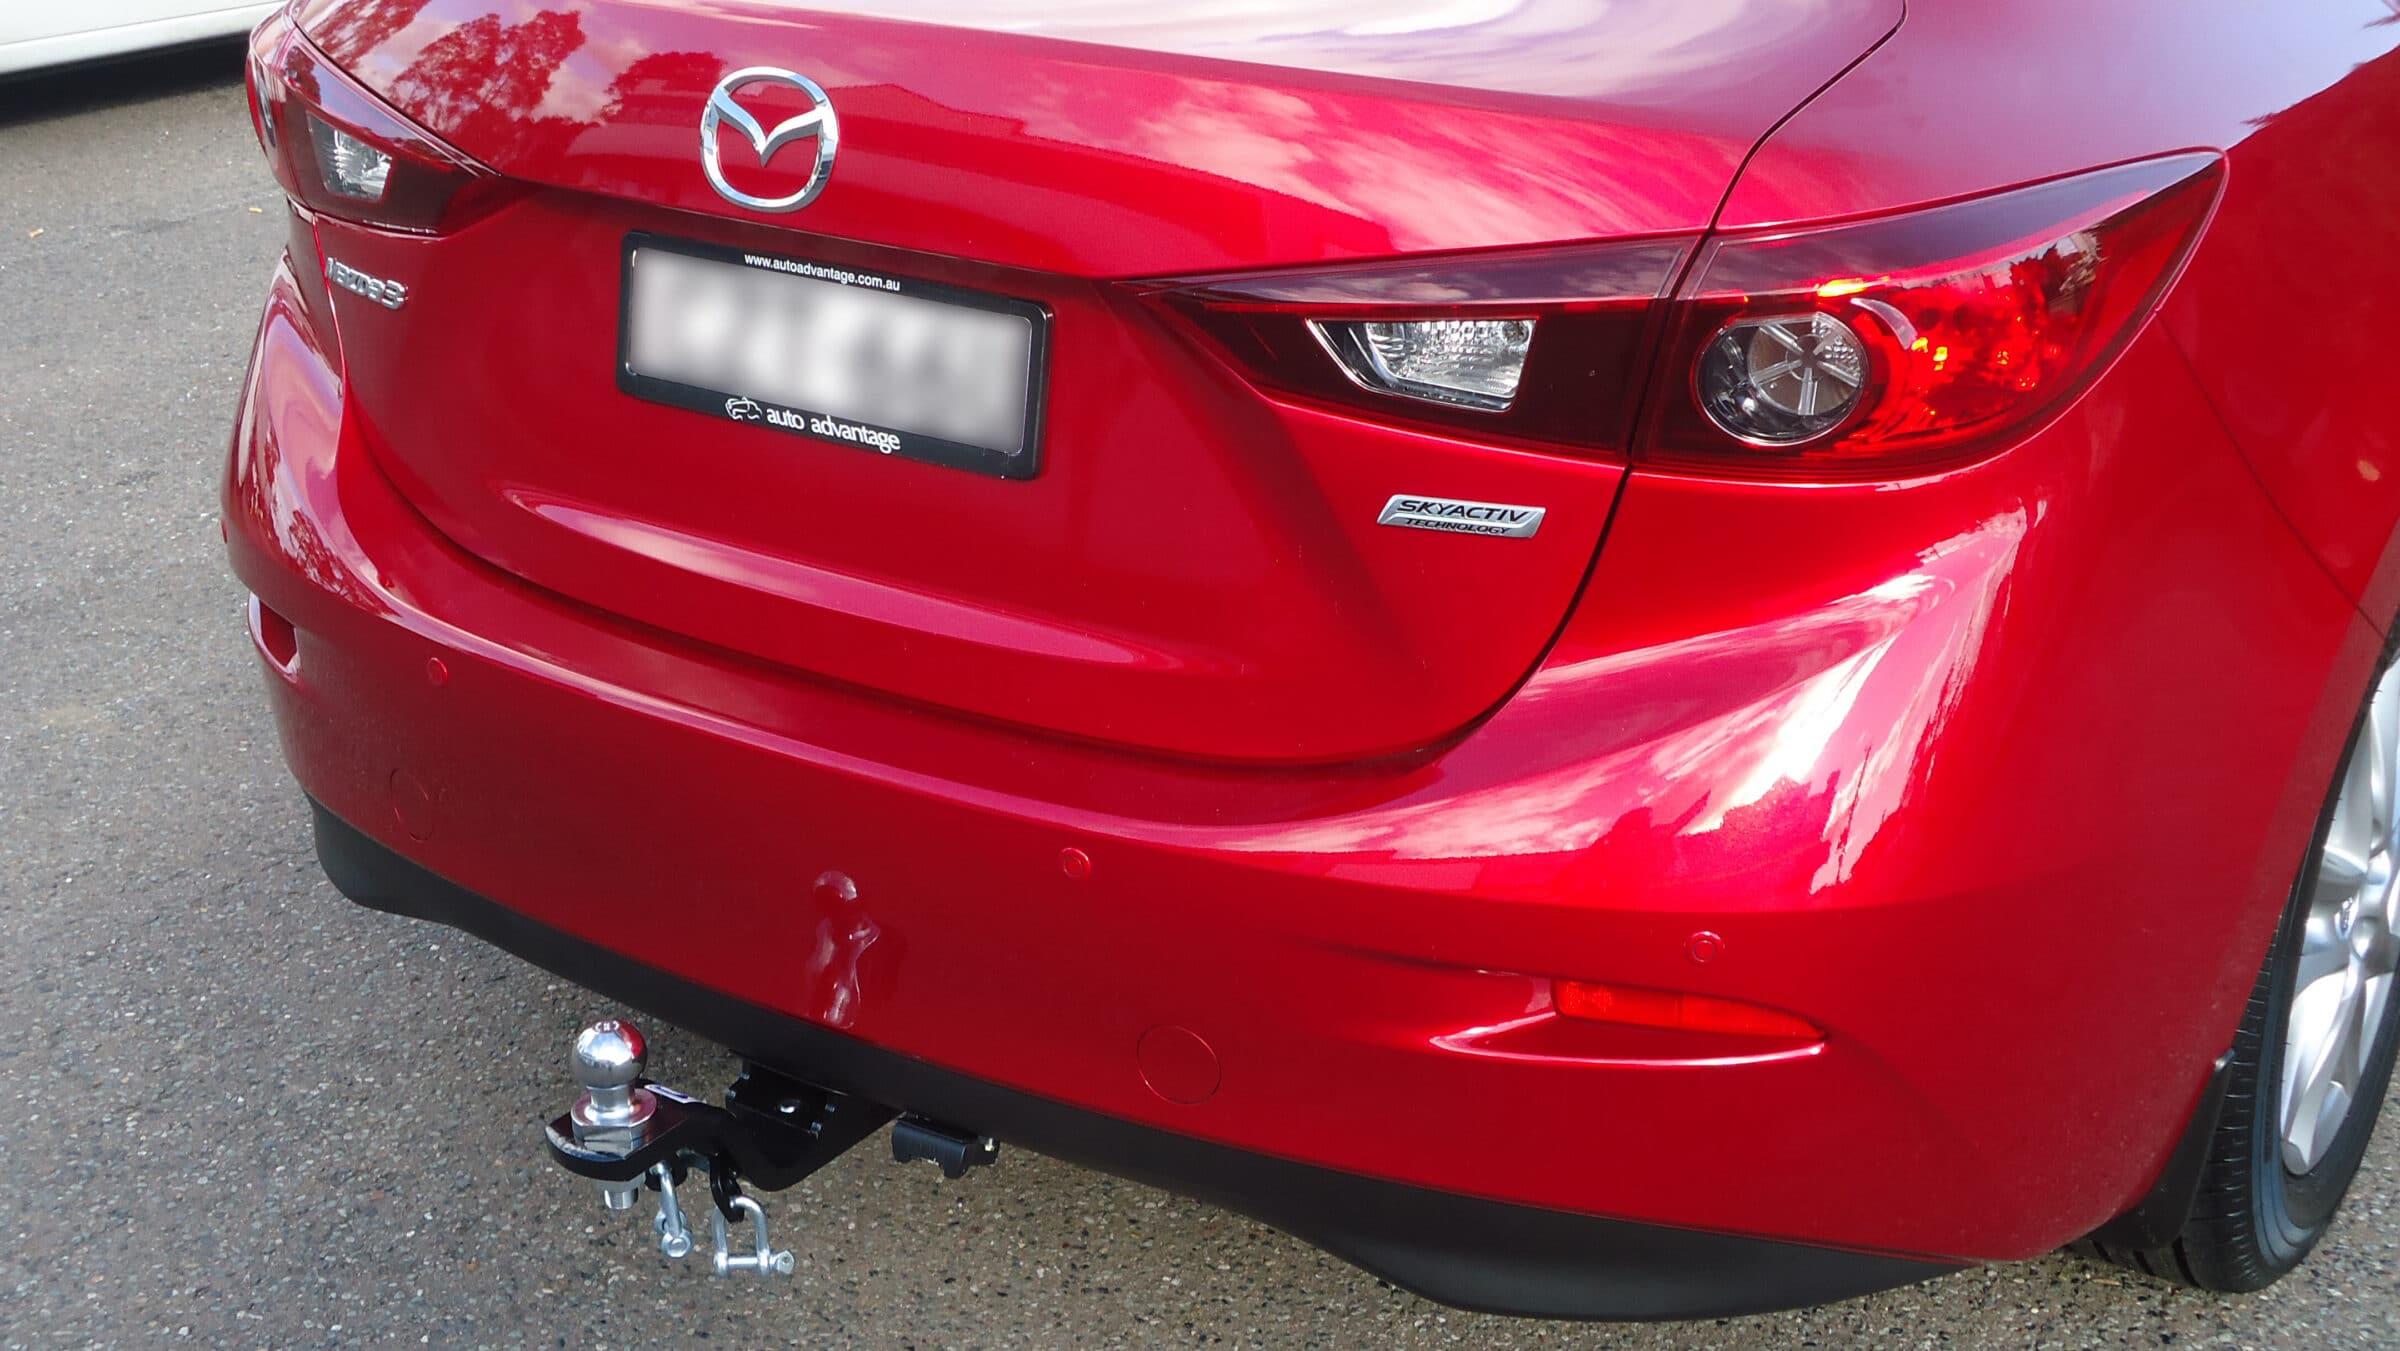 Install Closeup Of Mazda 3 Sedan